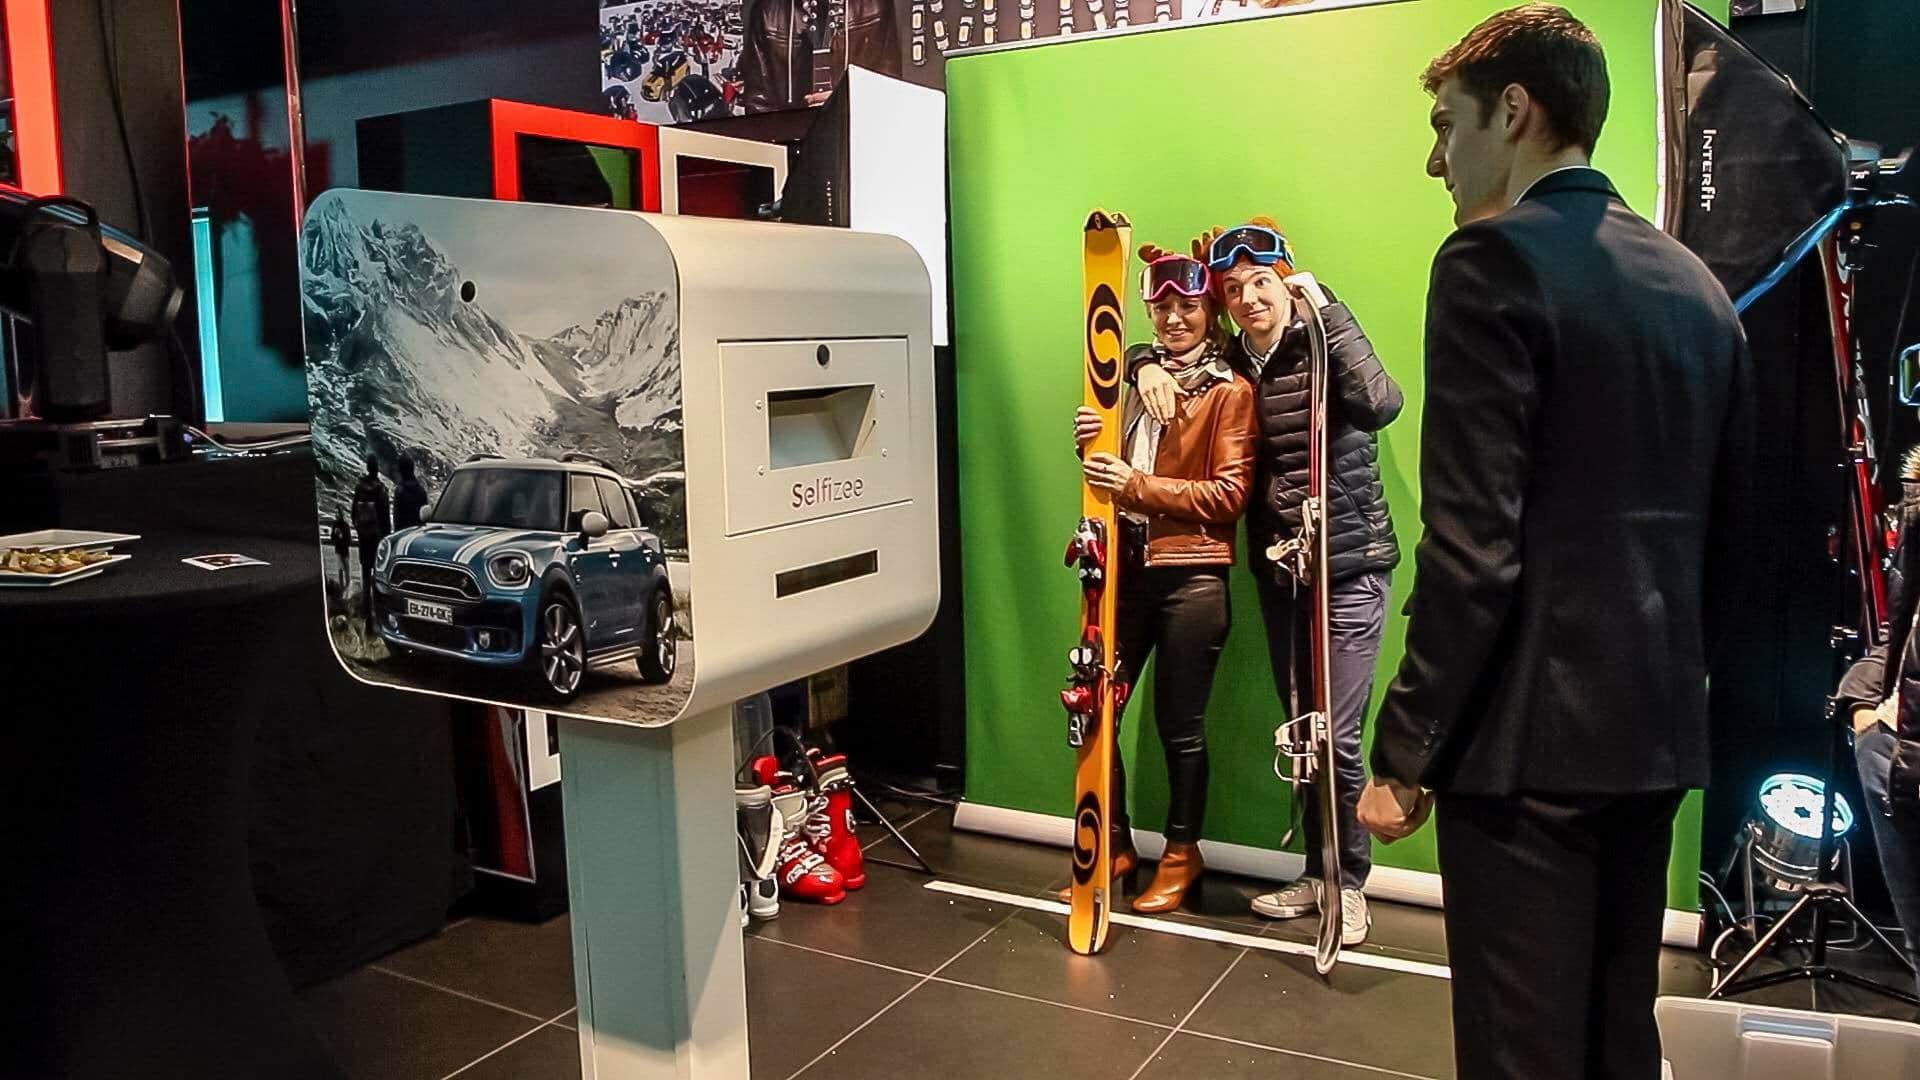 Borne photo et animation fond vert avec accessoires en concession automobile pour le lancement nouveau produit de Mini à Lorient